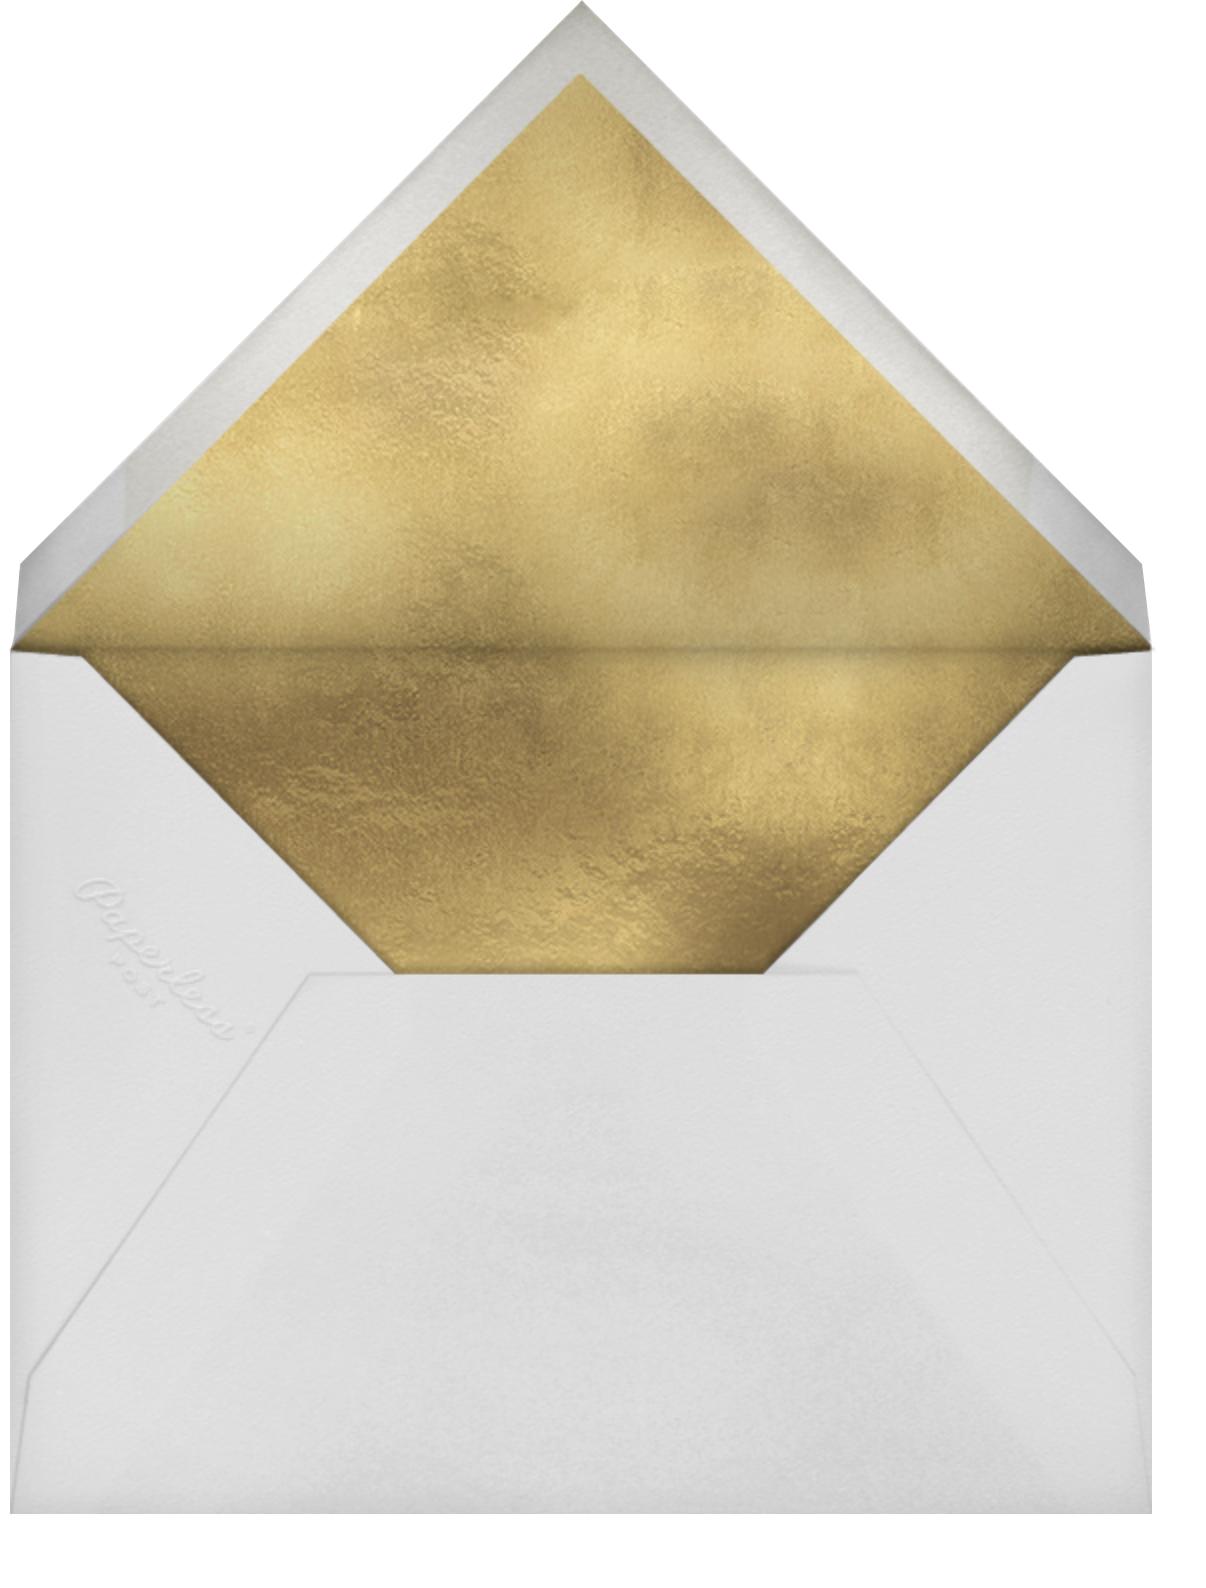 Patchwork Stripe - Oscar de la Renta - Wedding brunch - envelope back